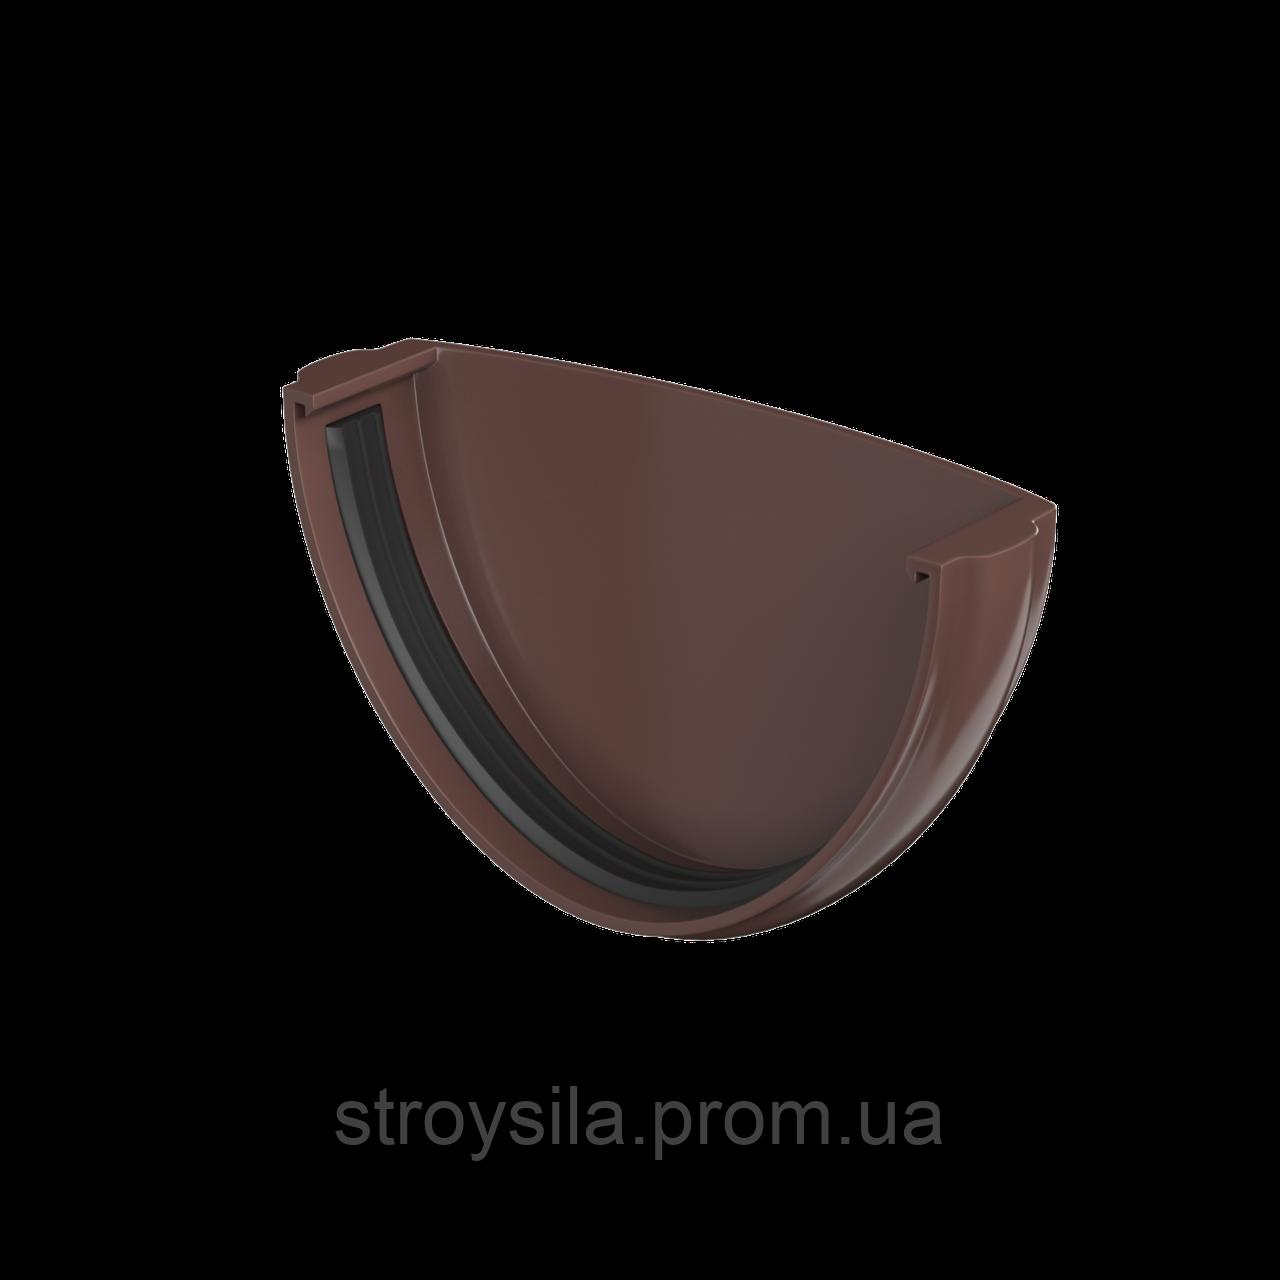 Заглушка Желоба Водосточные системы Технониколь, Коричневая 125/82 мм ПВХ